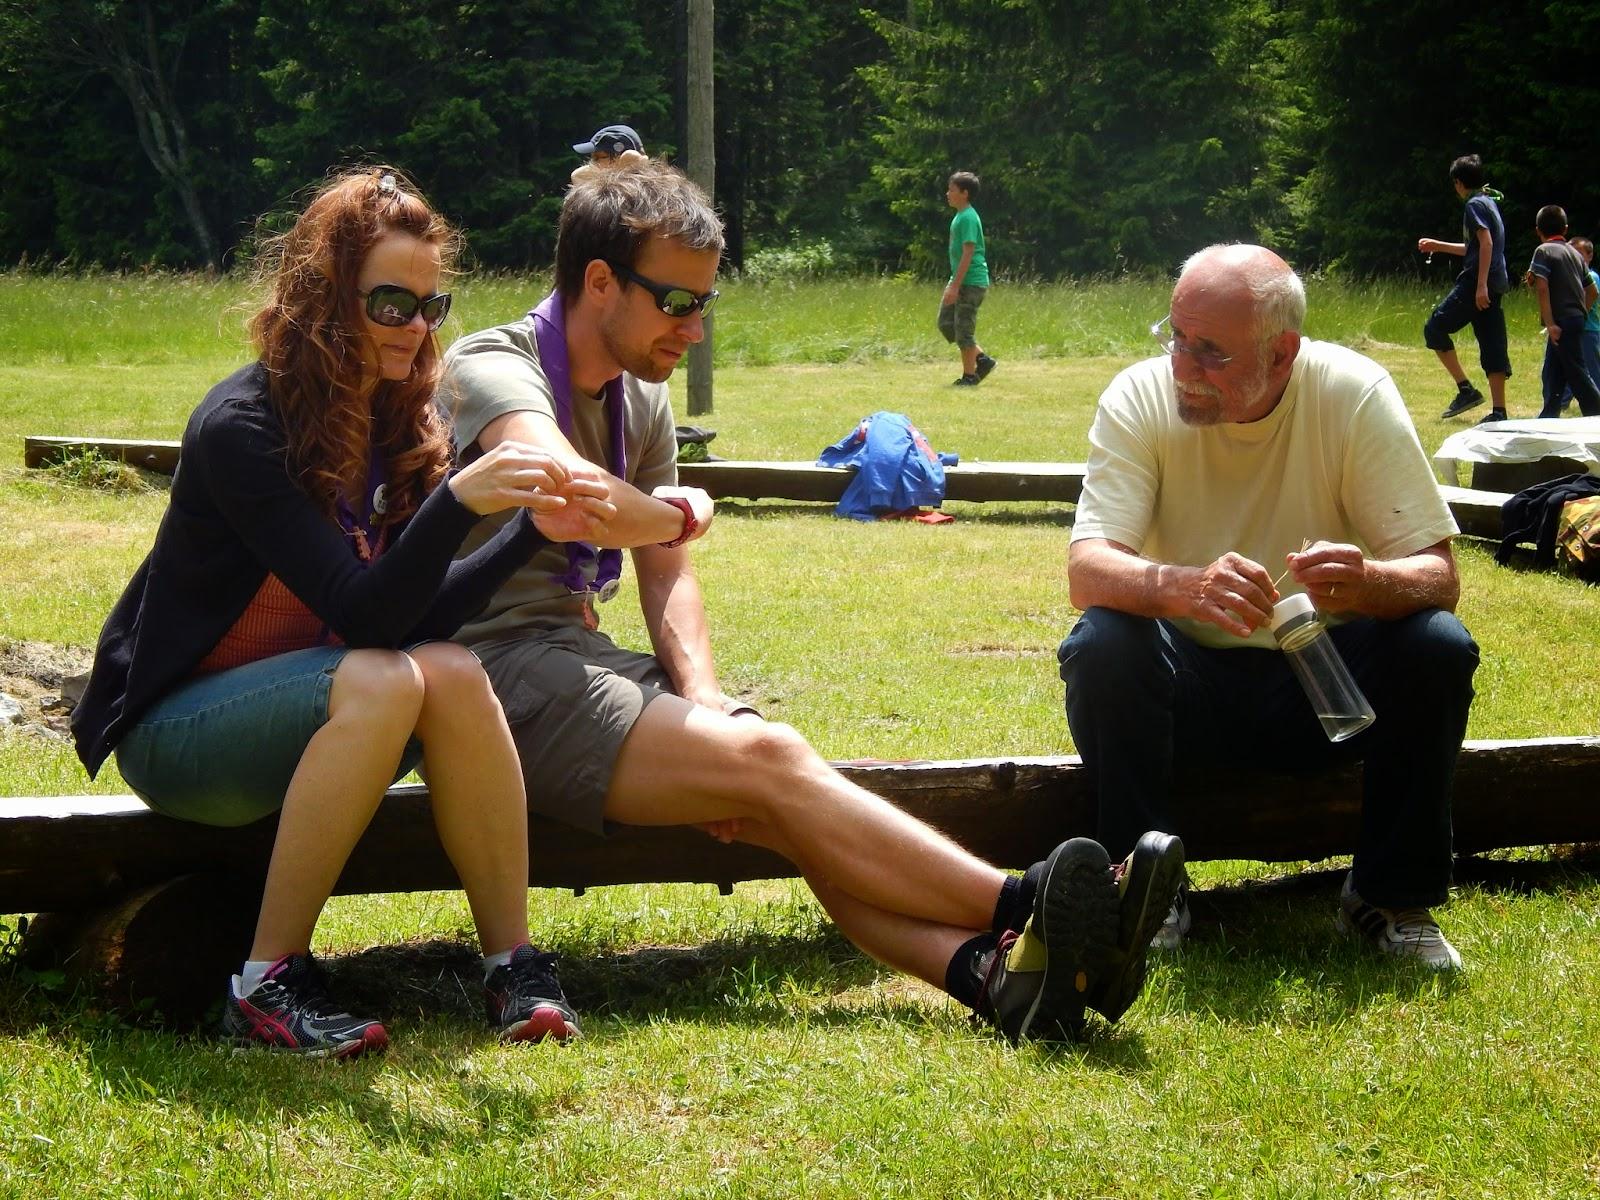 Piknik s starši 2014, 22.6.2014 Črni dol - DSCN2026.JPG